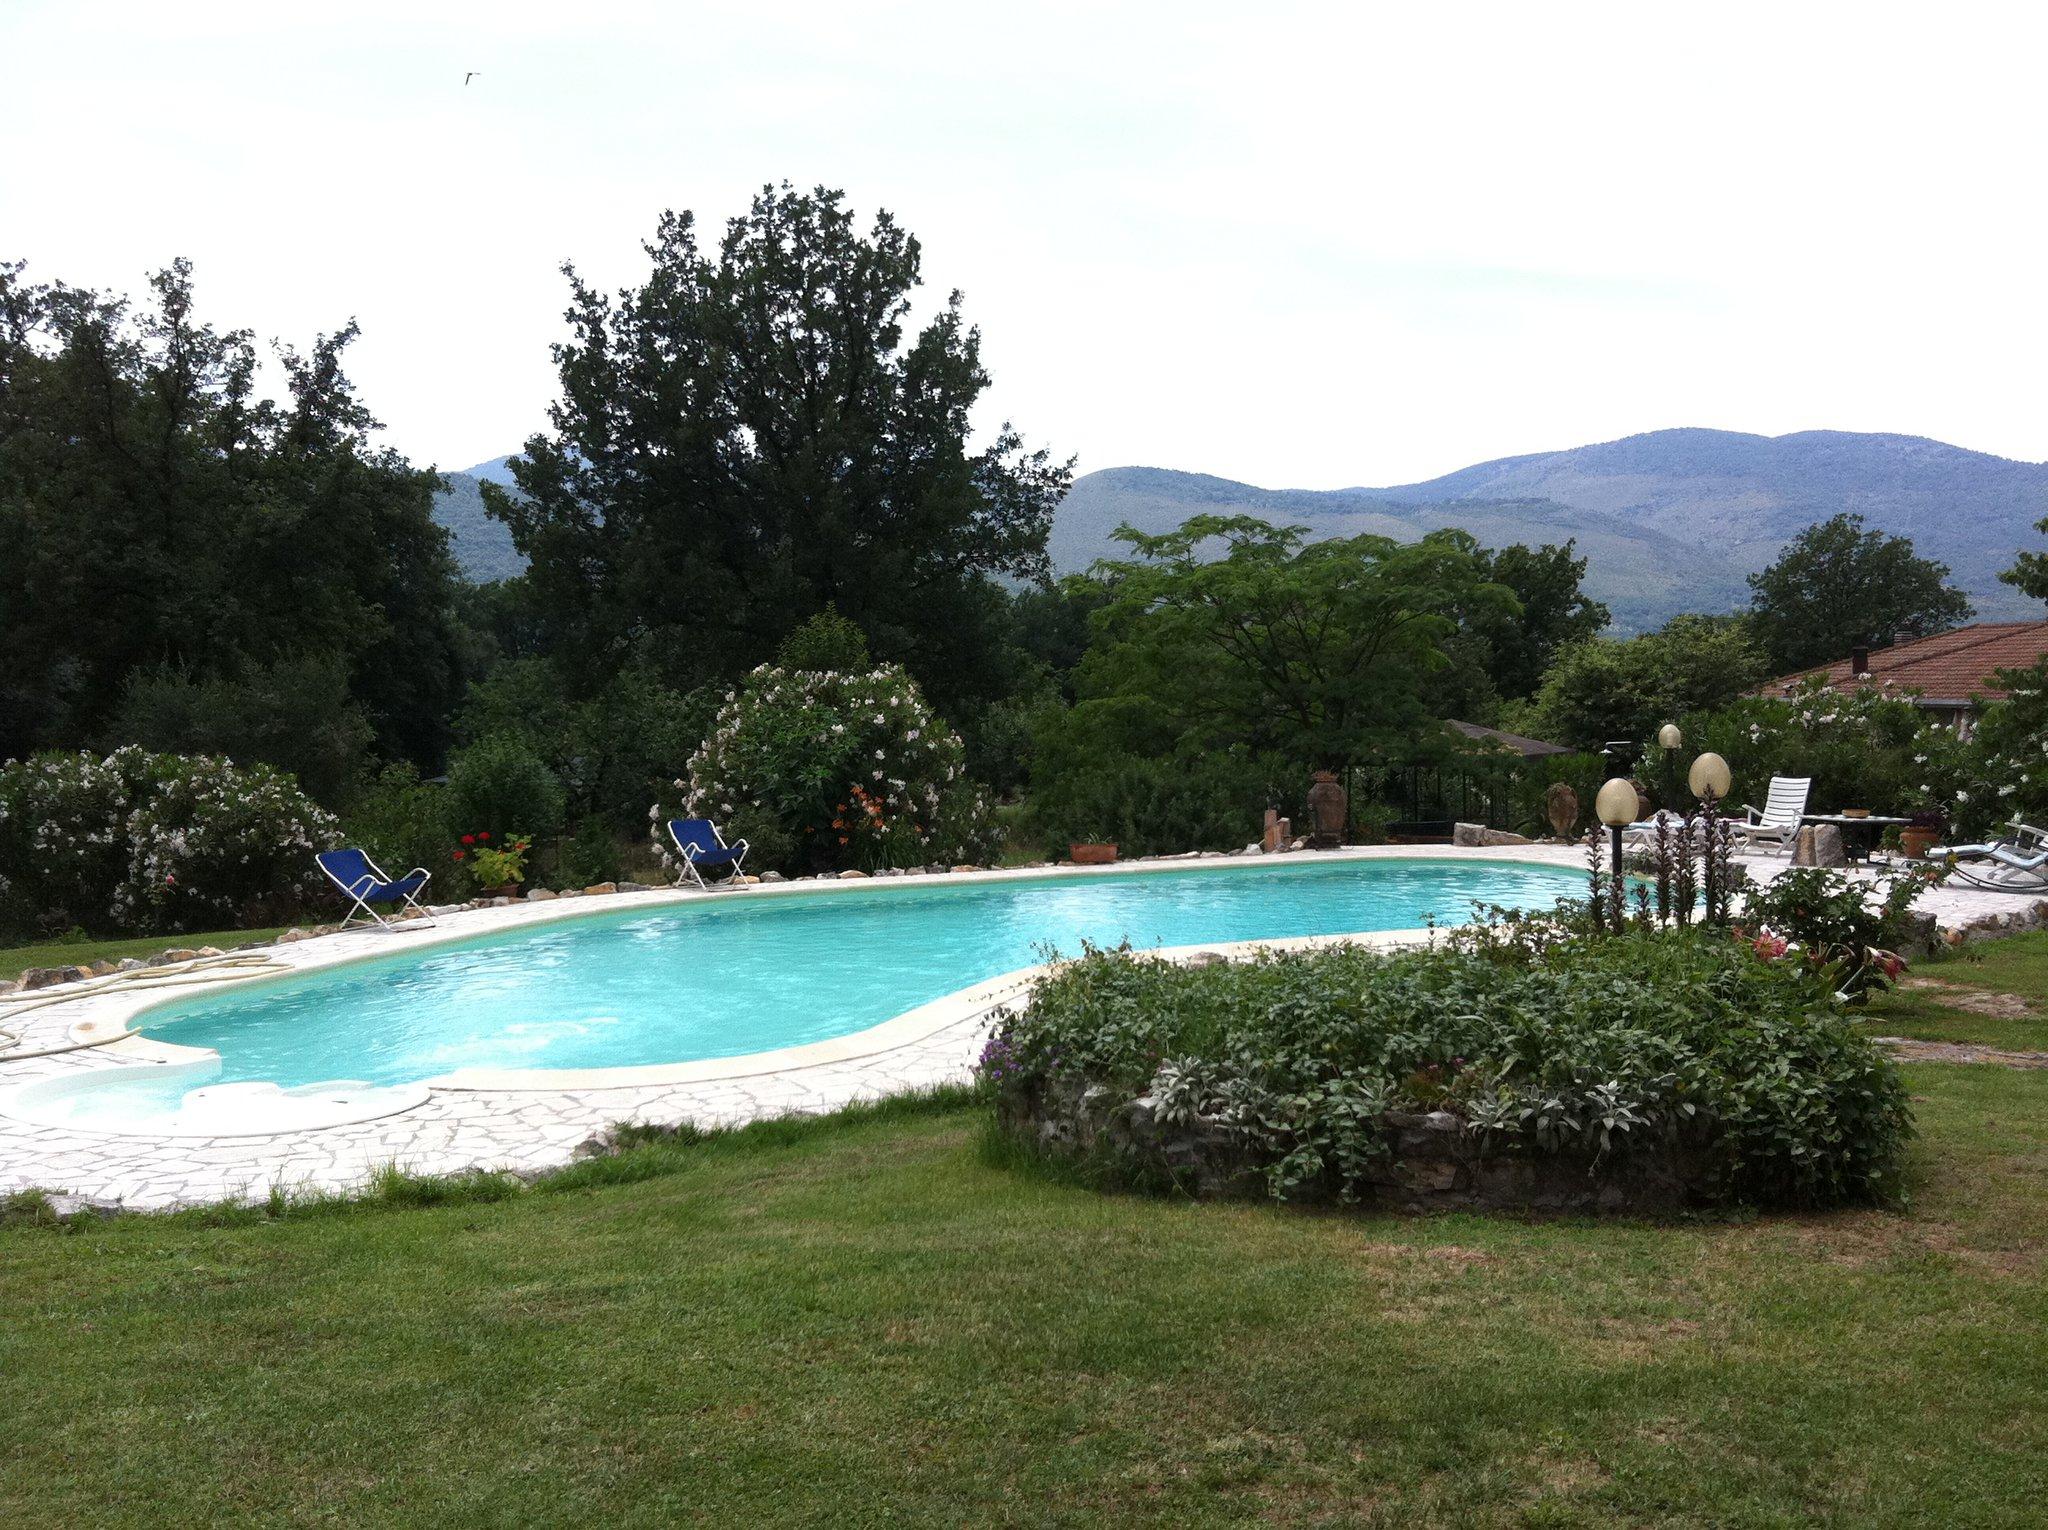 Affittasi location villa privata con piscina miragu - Immagini di piscina ...